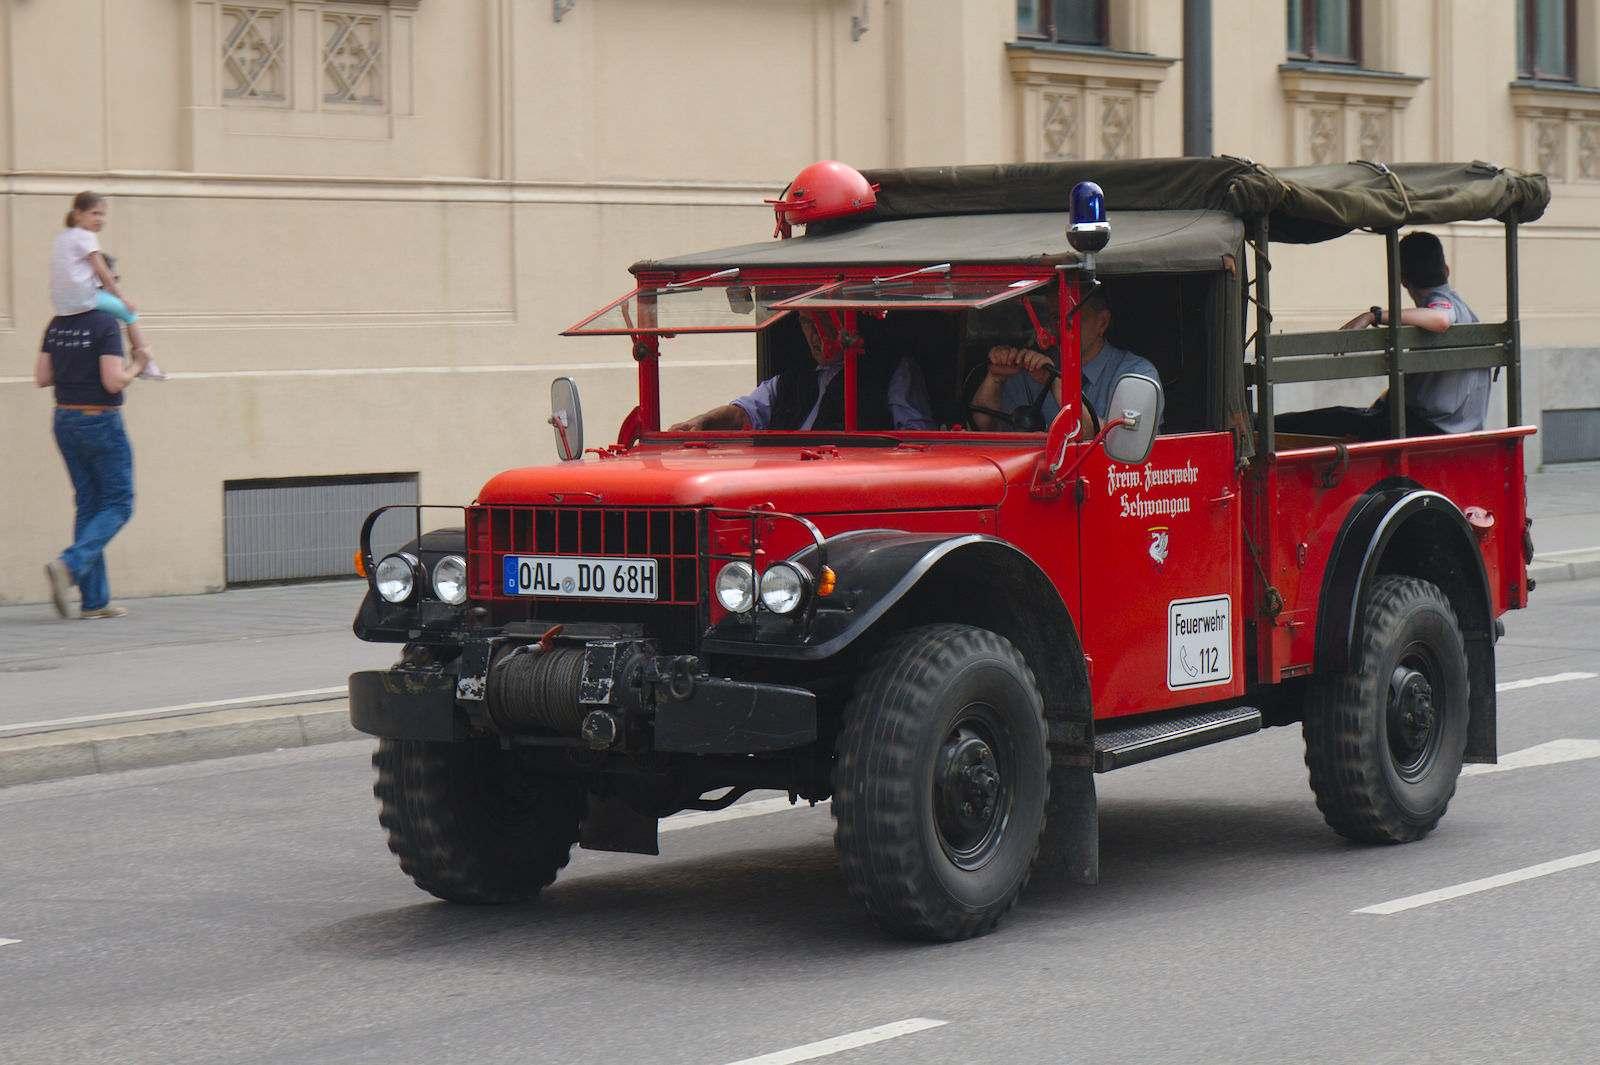 volunteer fire department7 150 Years Volunteer Fire Department in Munich